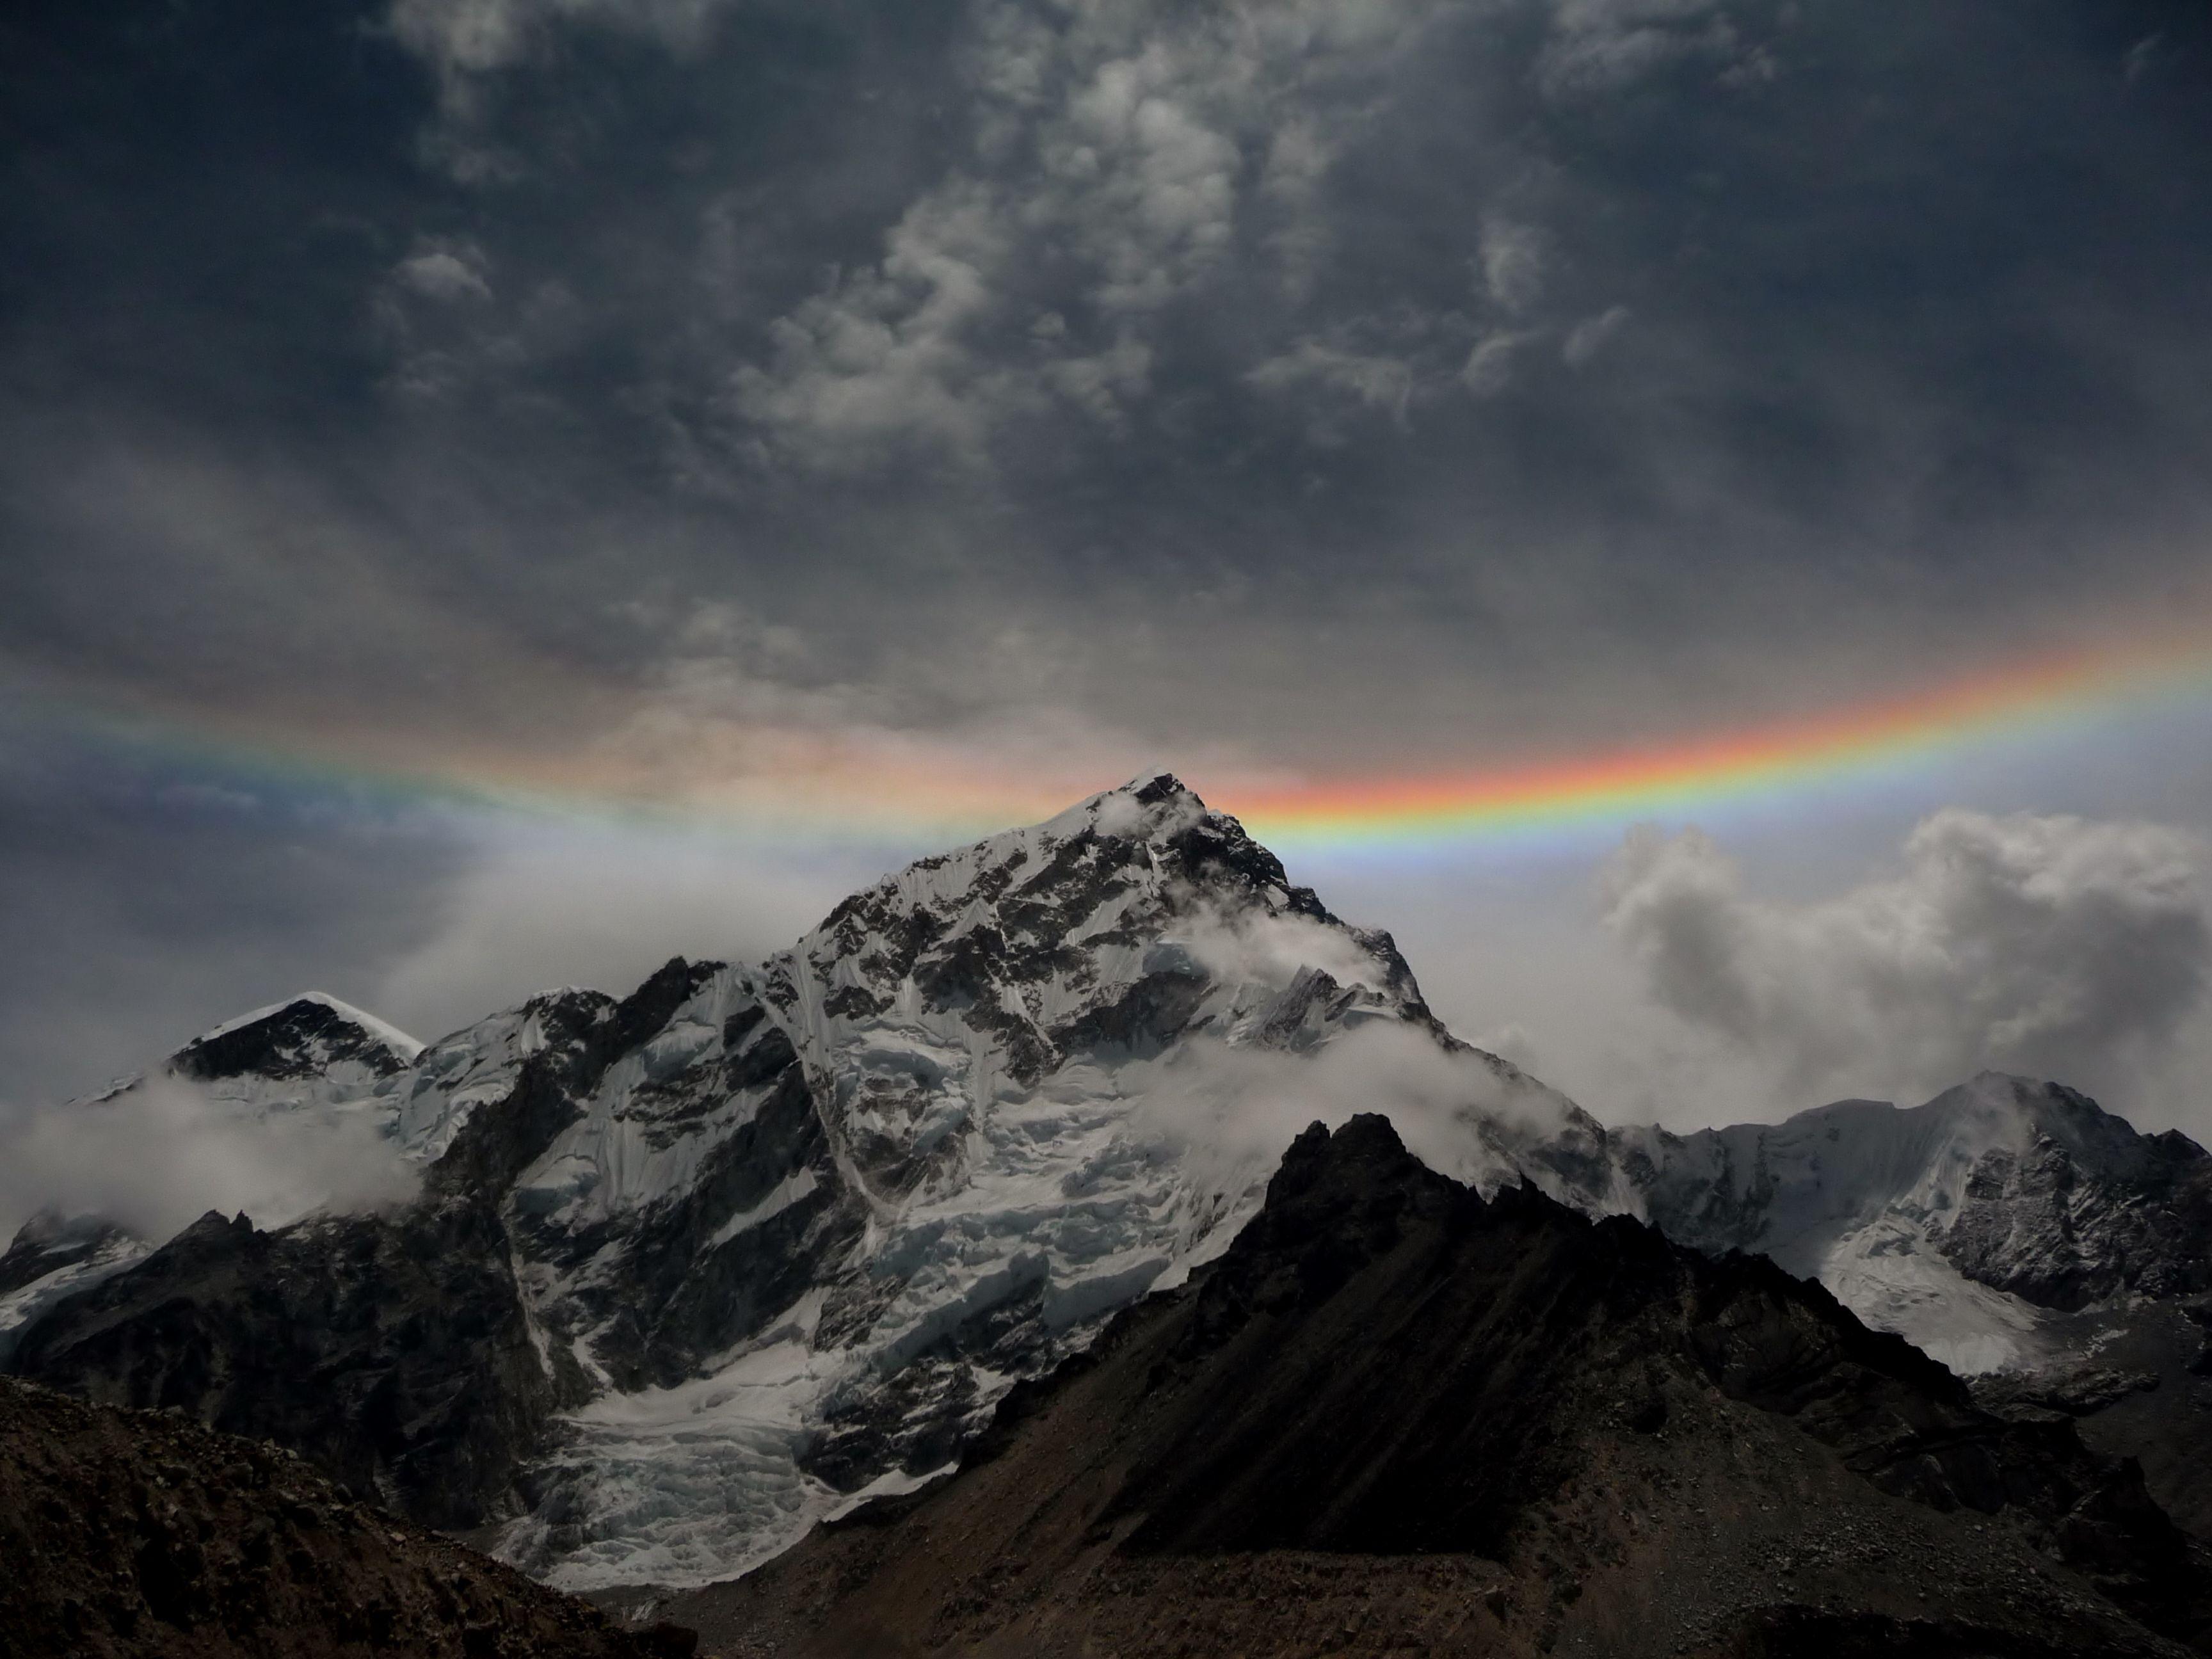 imagenes de una belleza extraordinaria que nos muestran lo perfecto que es nuestro planeta 10